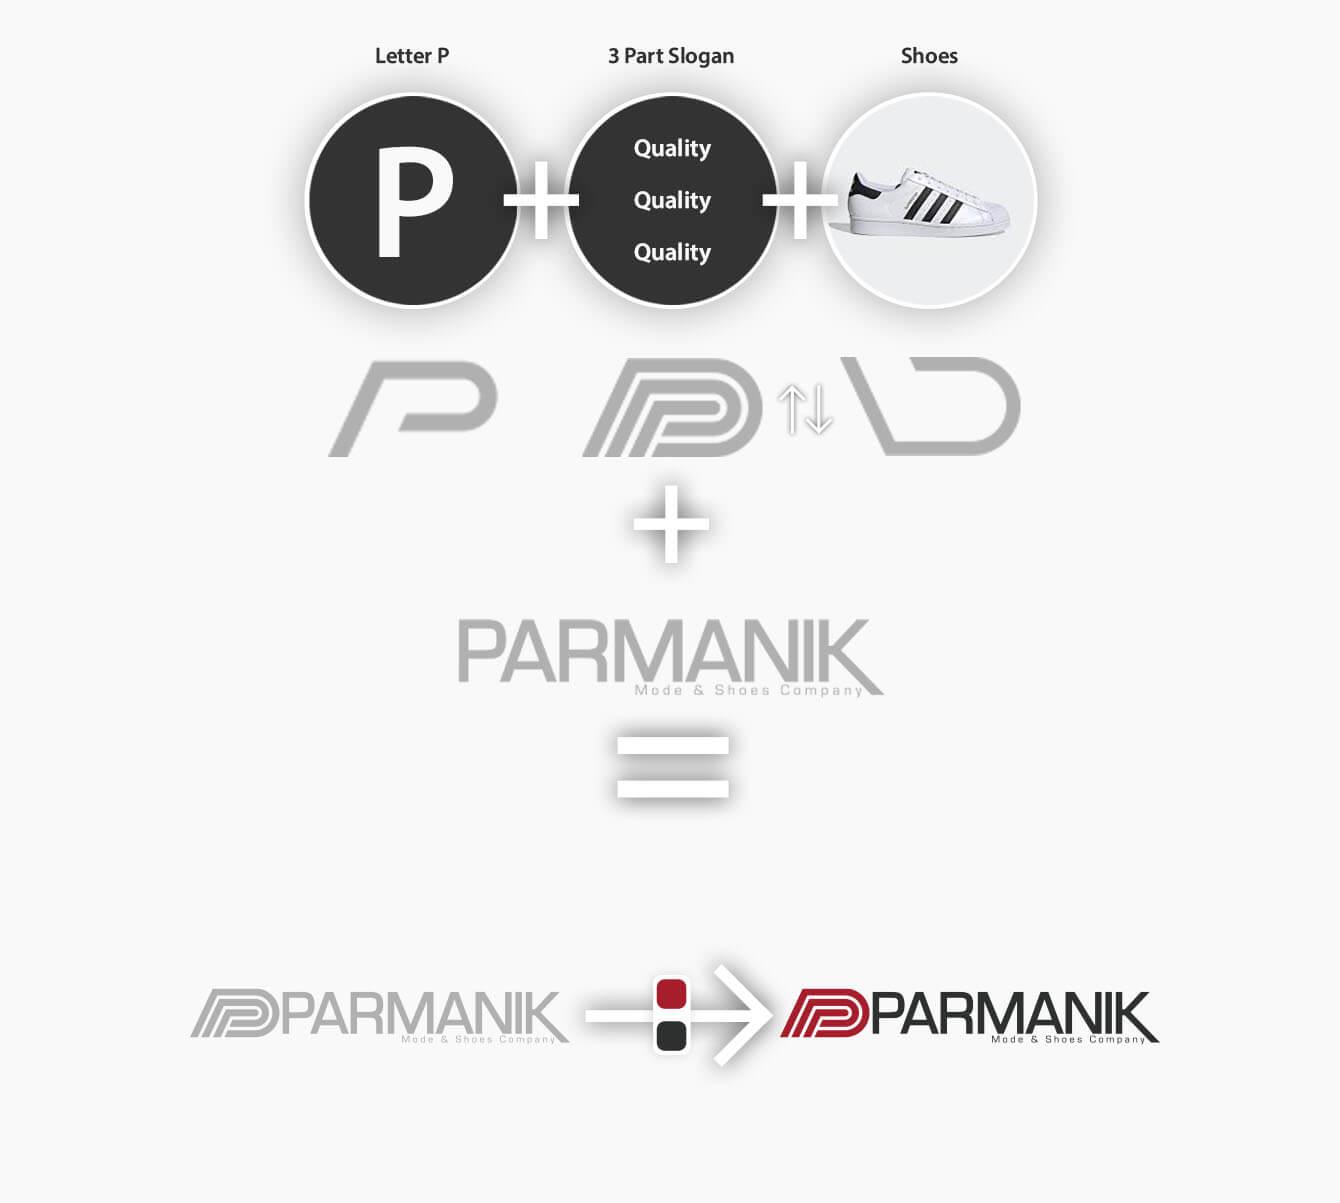 روند طراحی لوگو و ایده پردازی پارمانیک